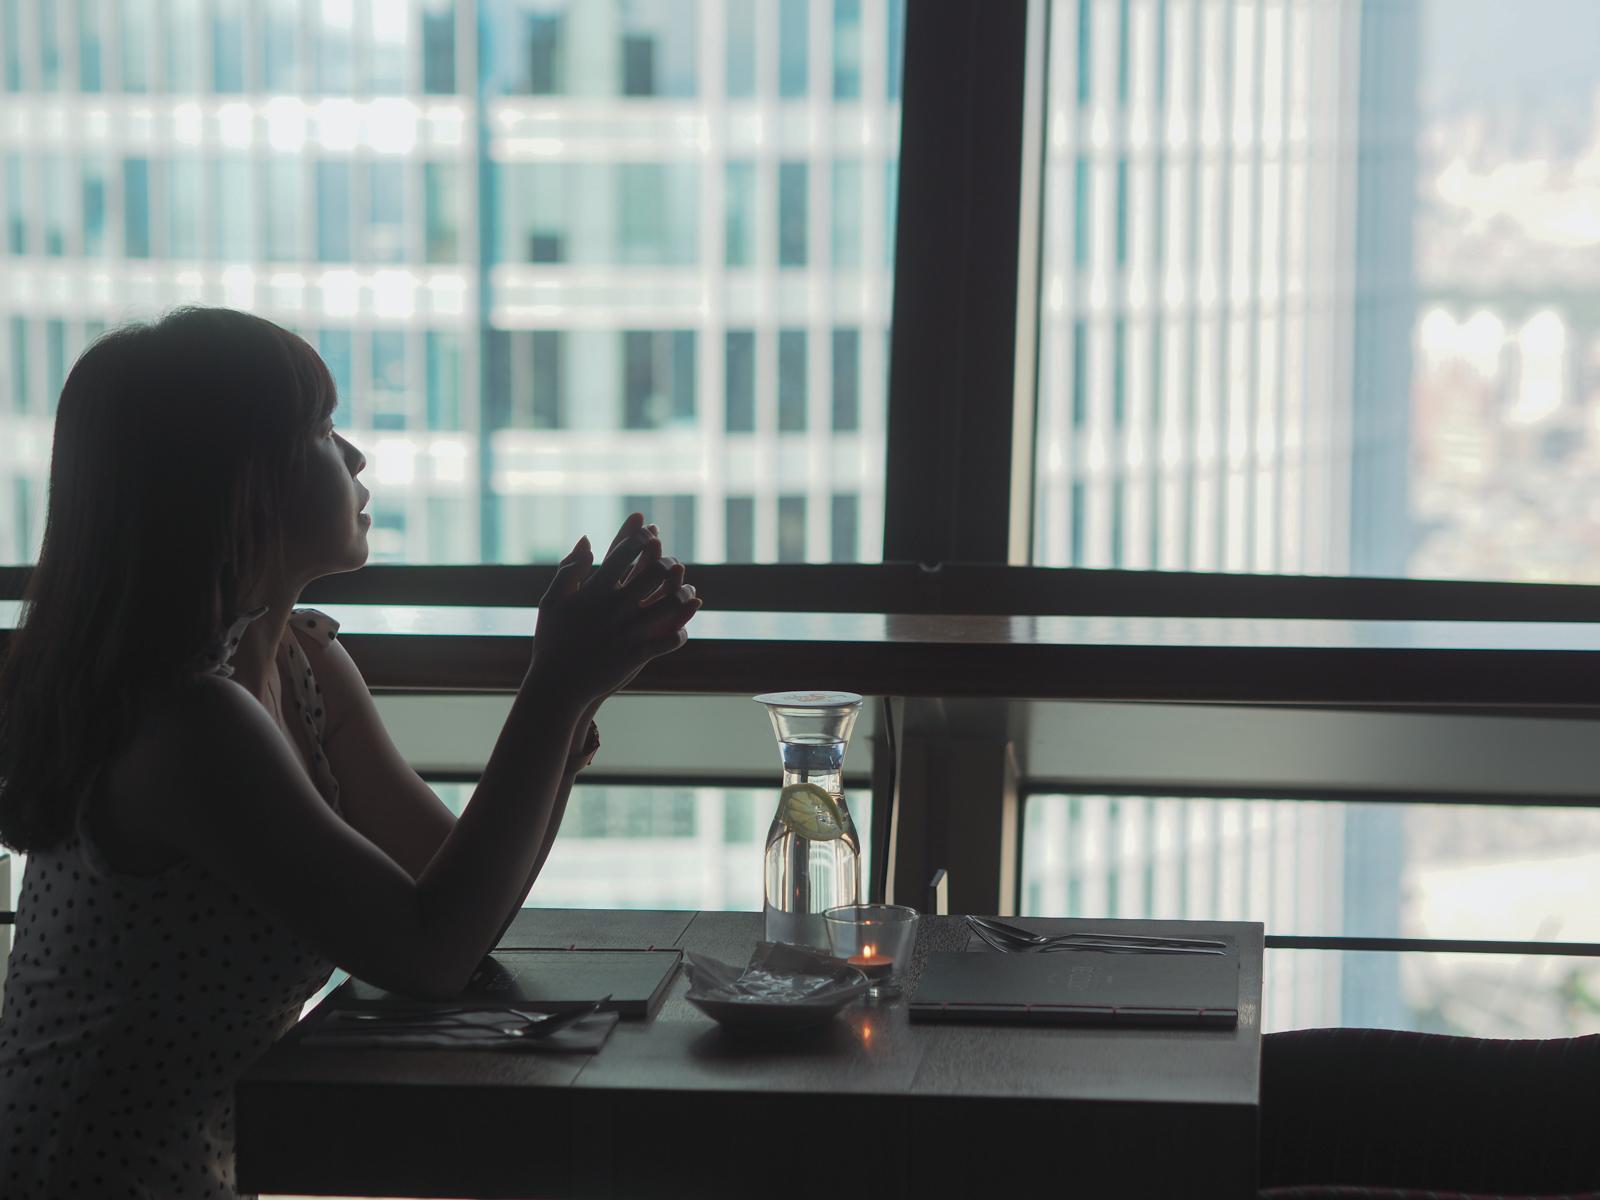 板橋夜景餐廳推薦  典藏33觀景餐廳  黃昏夜景是藝術 餐點也宛如藝術品擺盤又美味